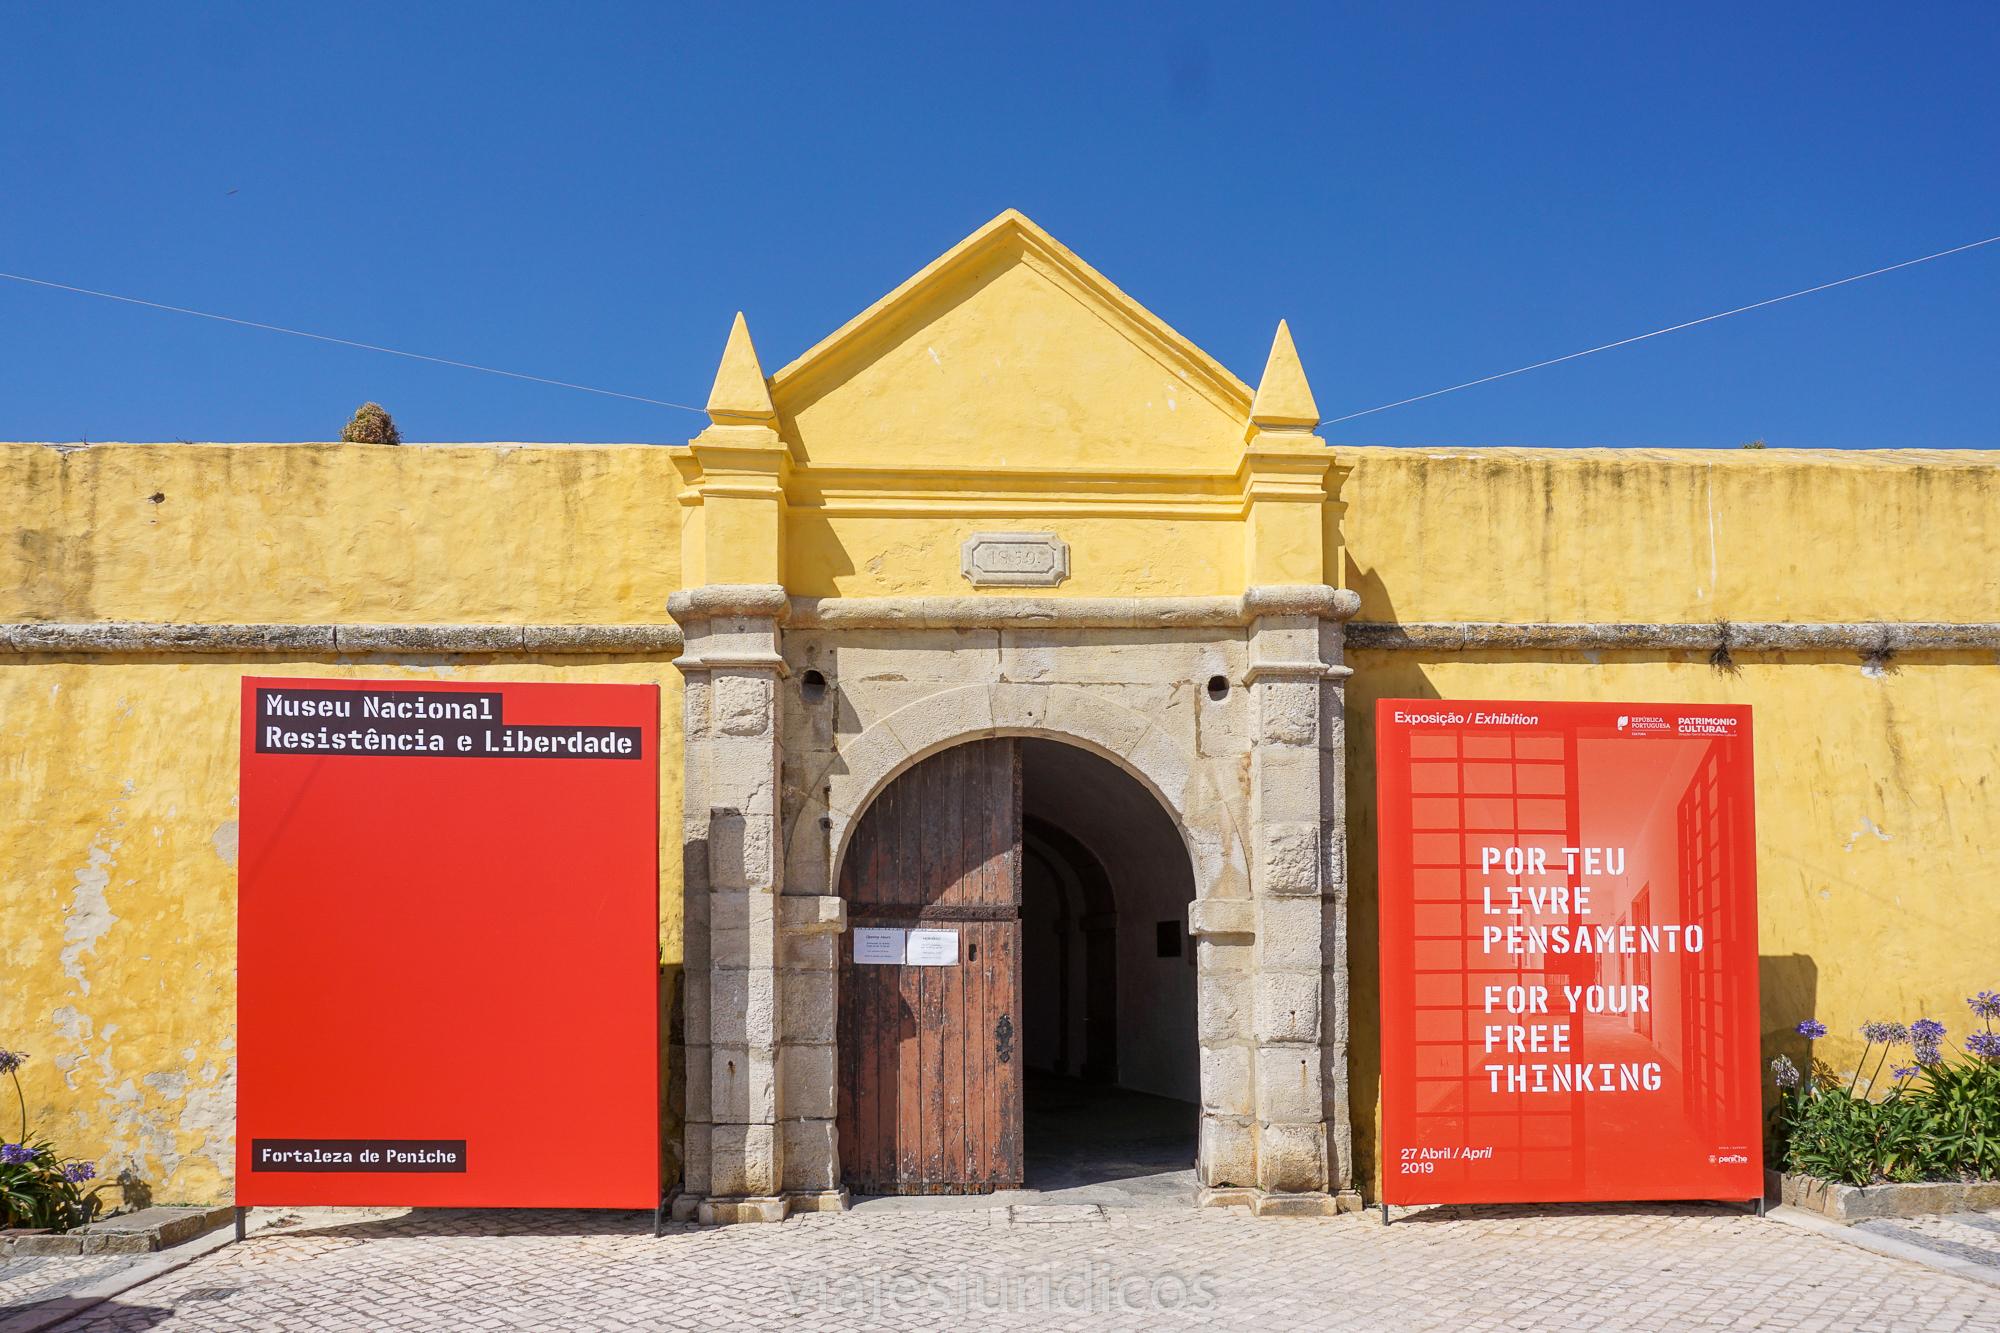 Museo Nacional de la Resistencia y Libertad de Peniche